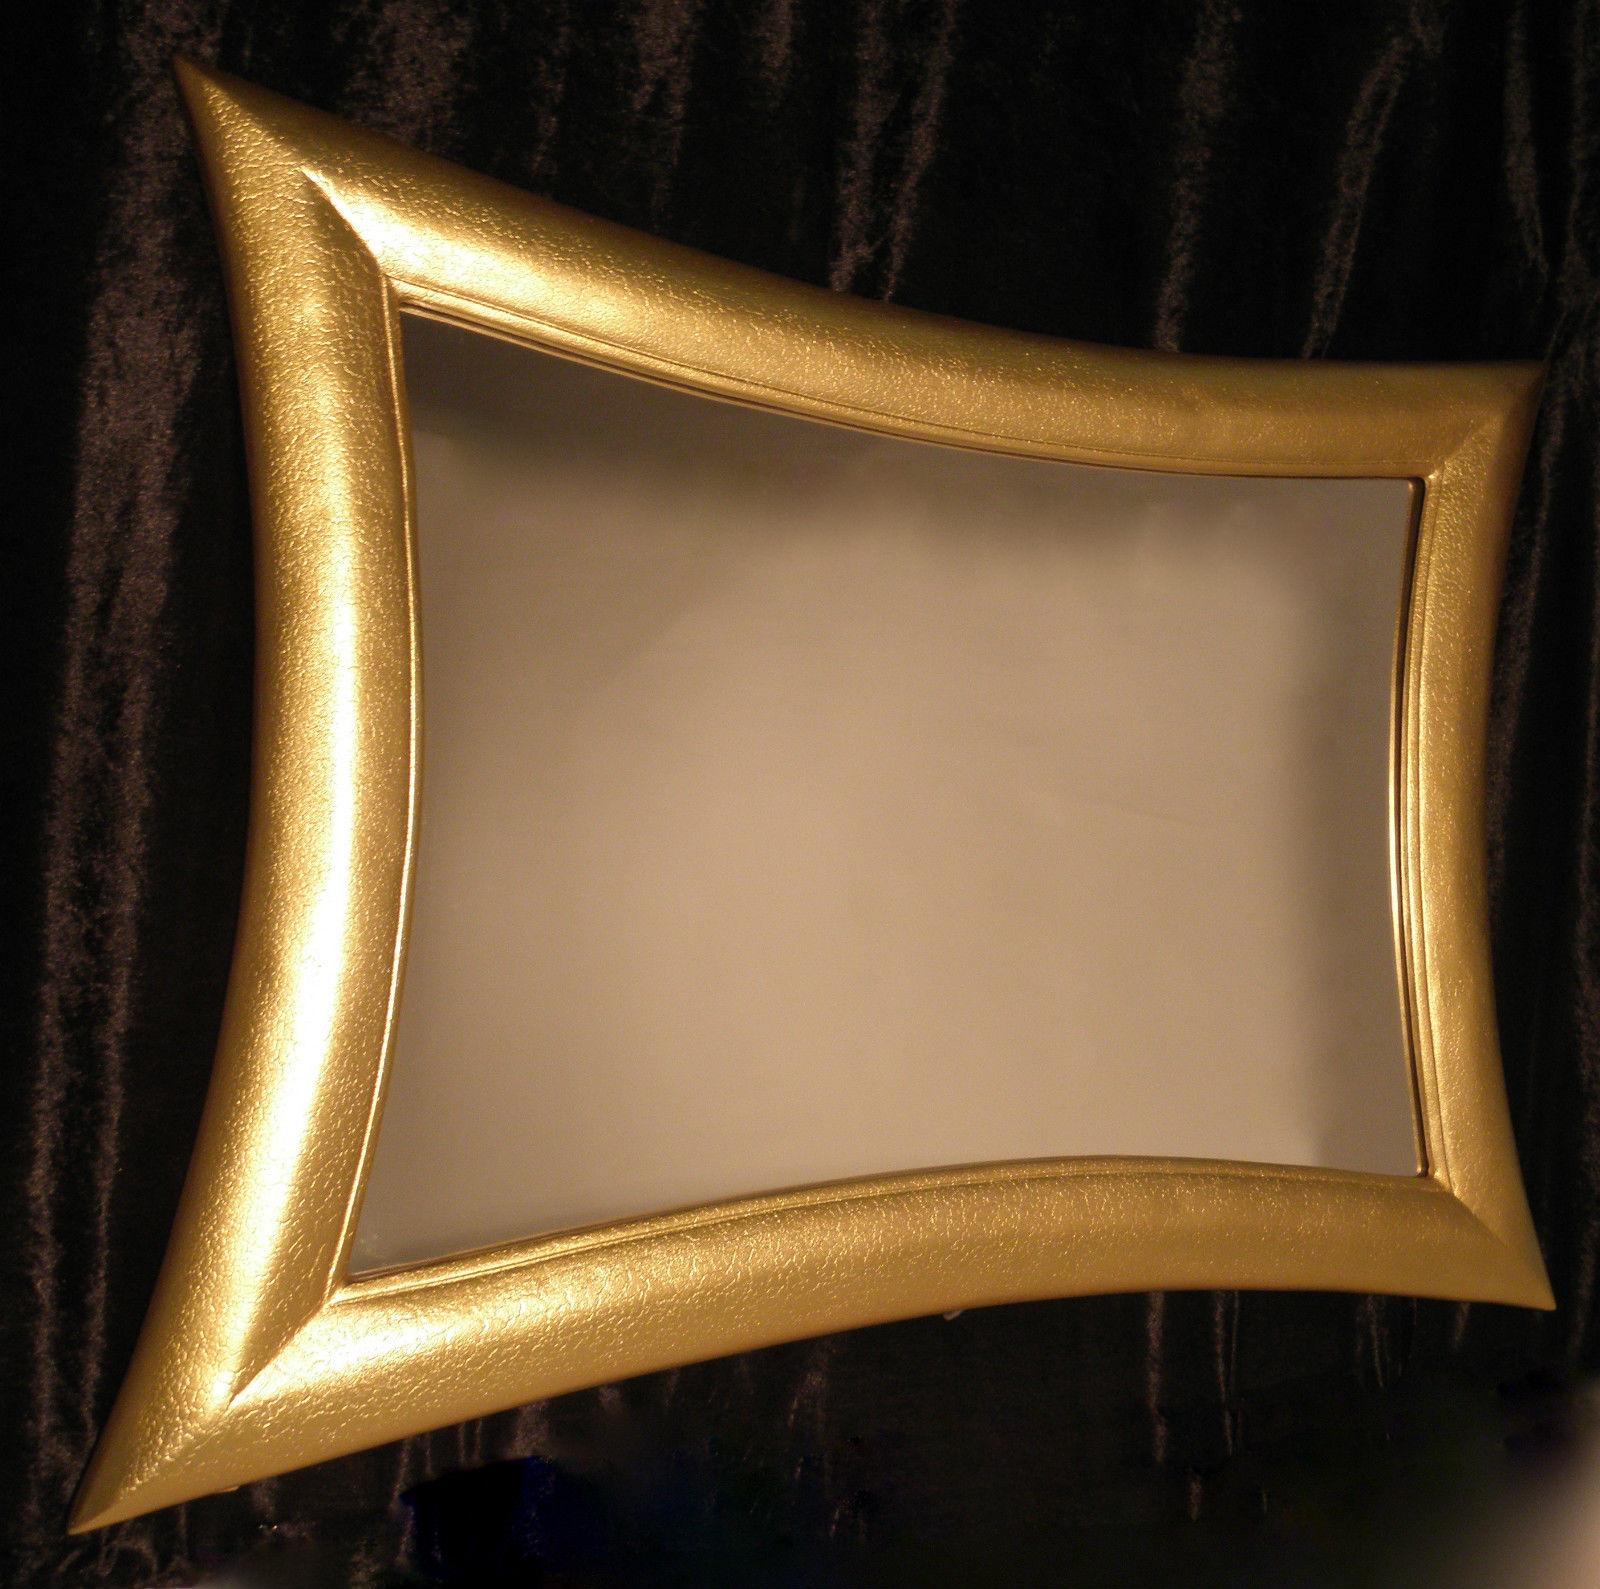 Wandspiegel Gold Rechteckig 115 x 85 XXl Spiegel Wandspiegel Retro ...